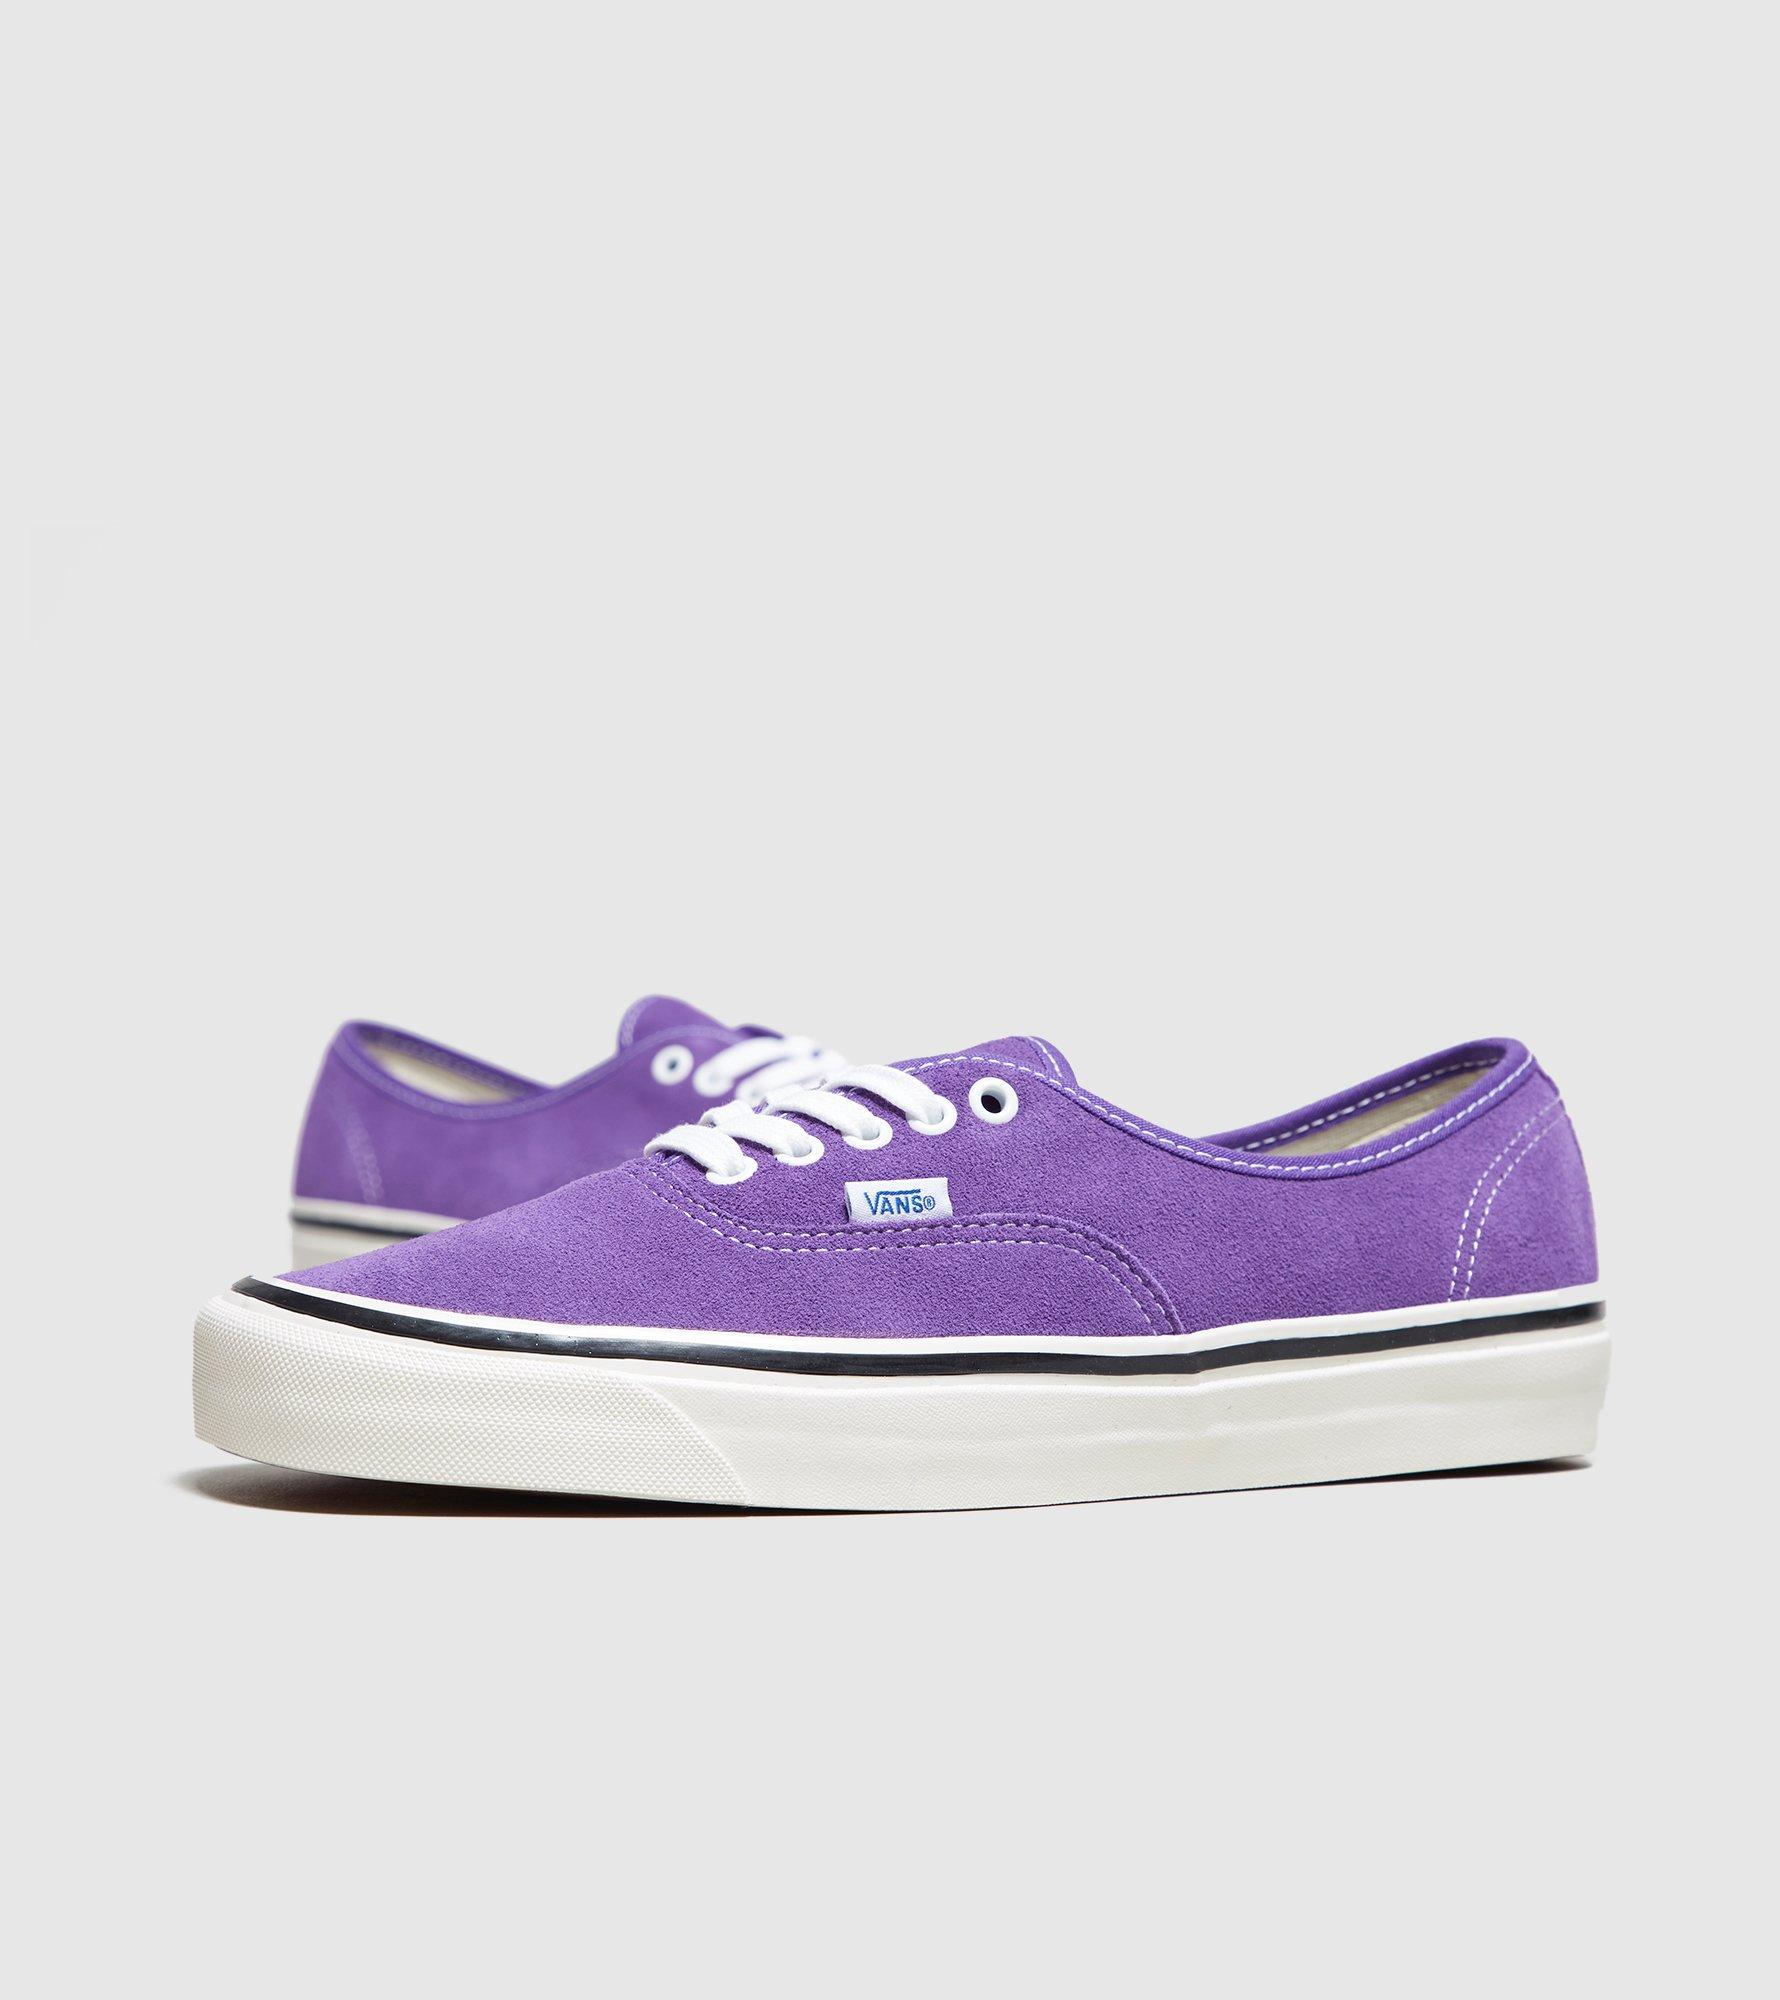 Vans - Purple Anaheim Authentic 44 Dx for Men - Lyst. View fullscreen 0acbb04d9